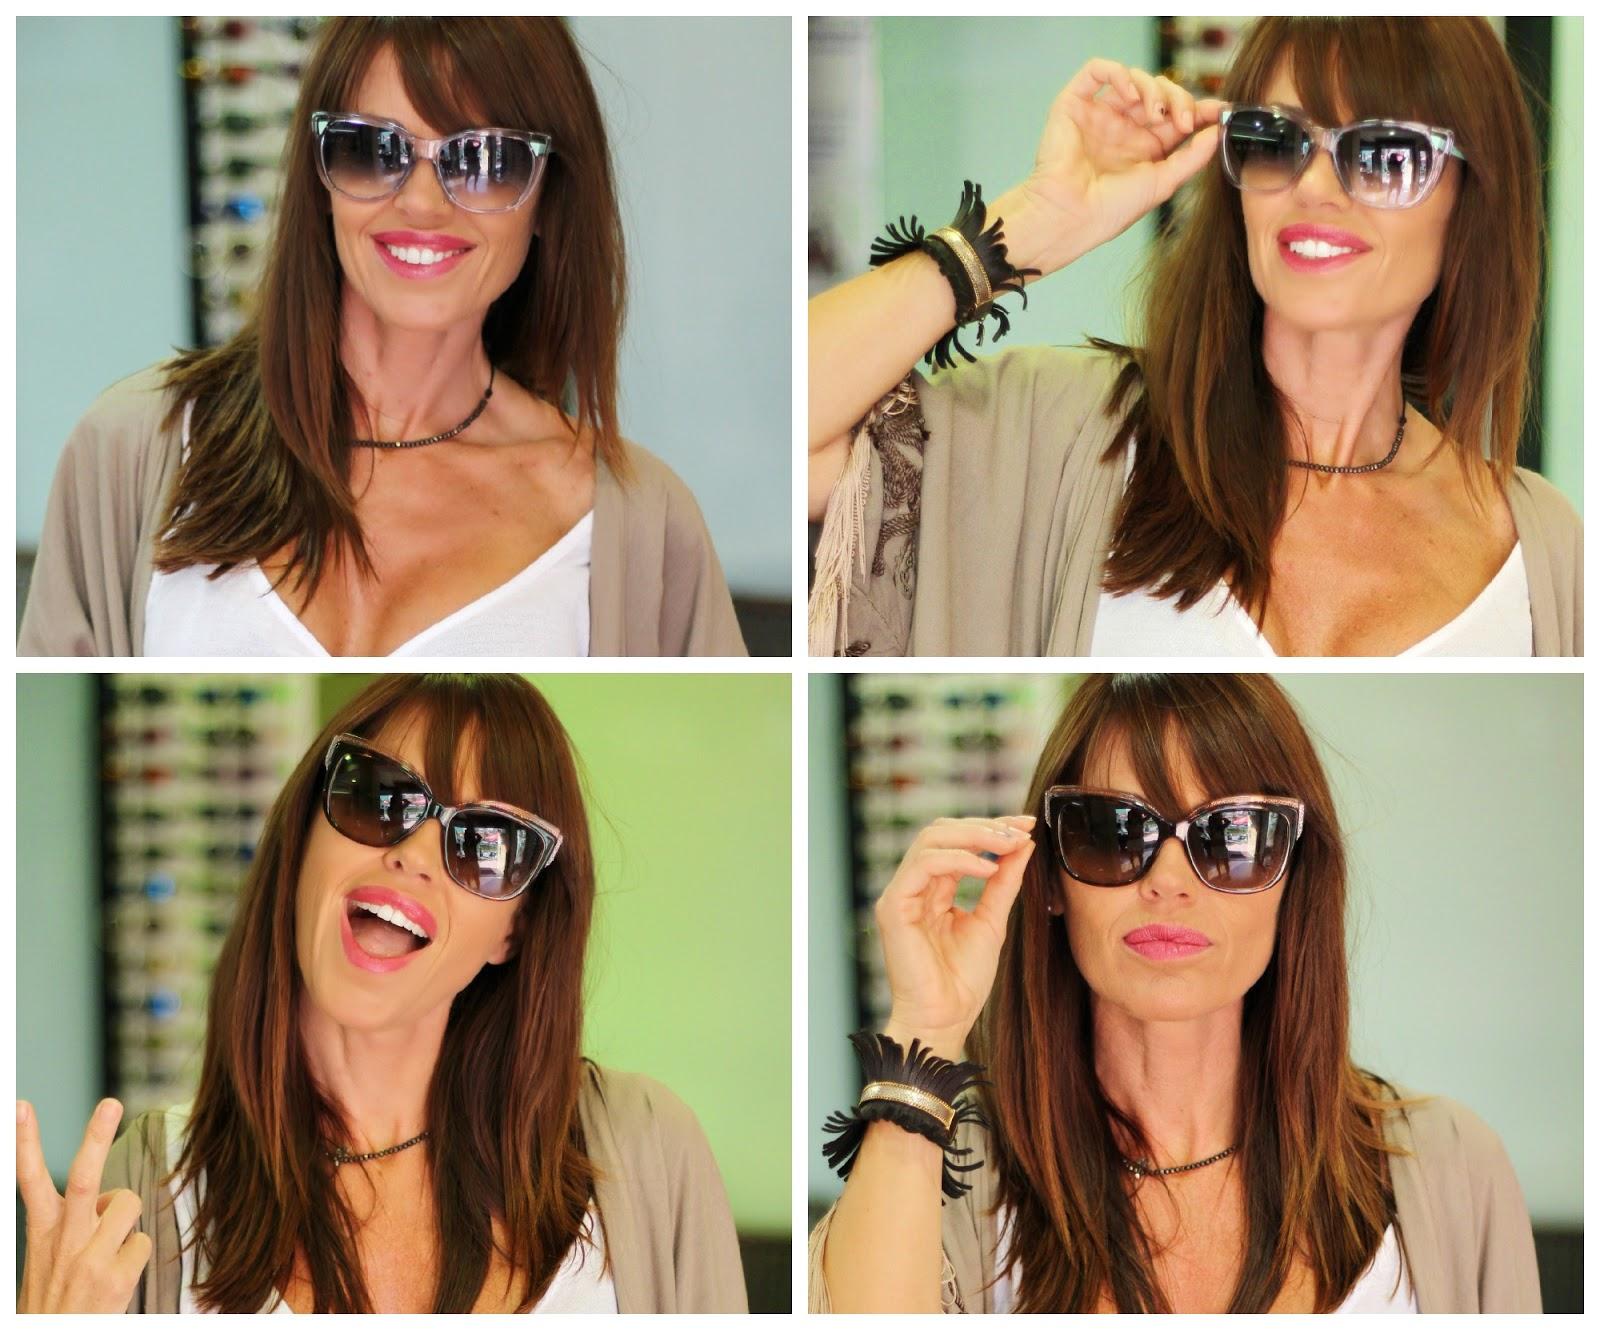 Tendencias Gafas de Sol 2014 - Dior